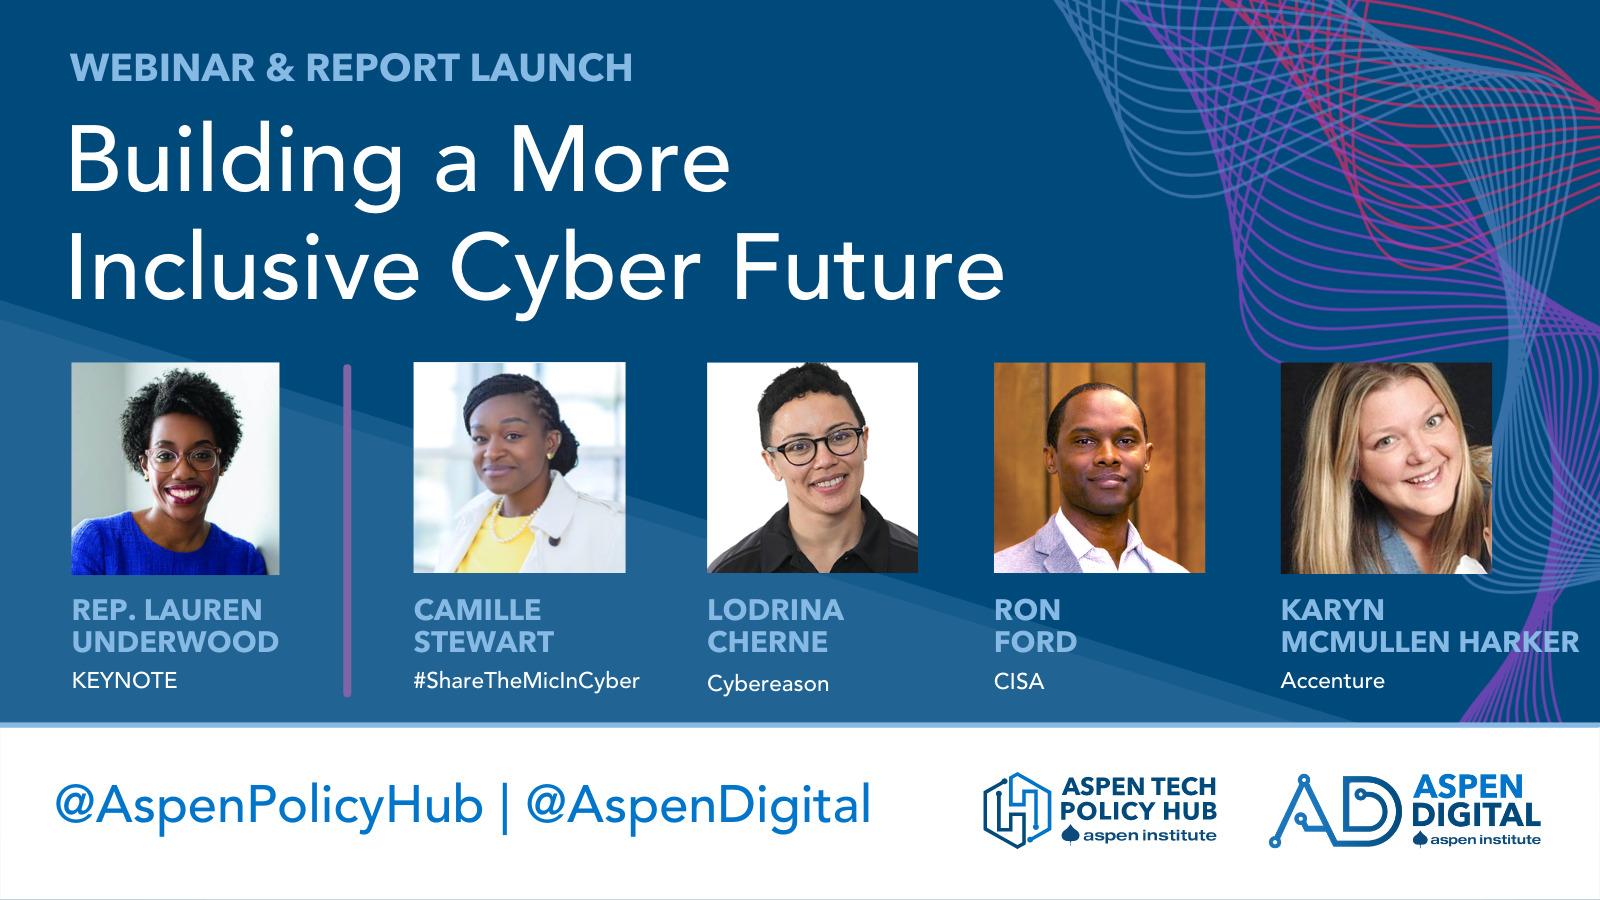 A More Inclusive Cyber Future